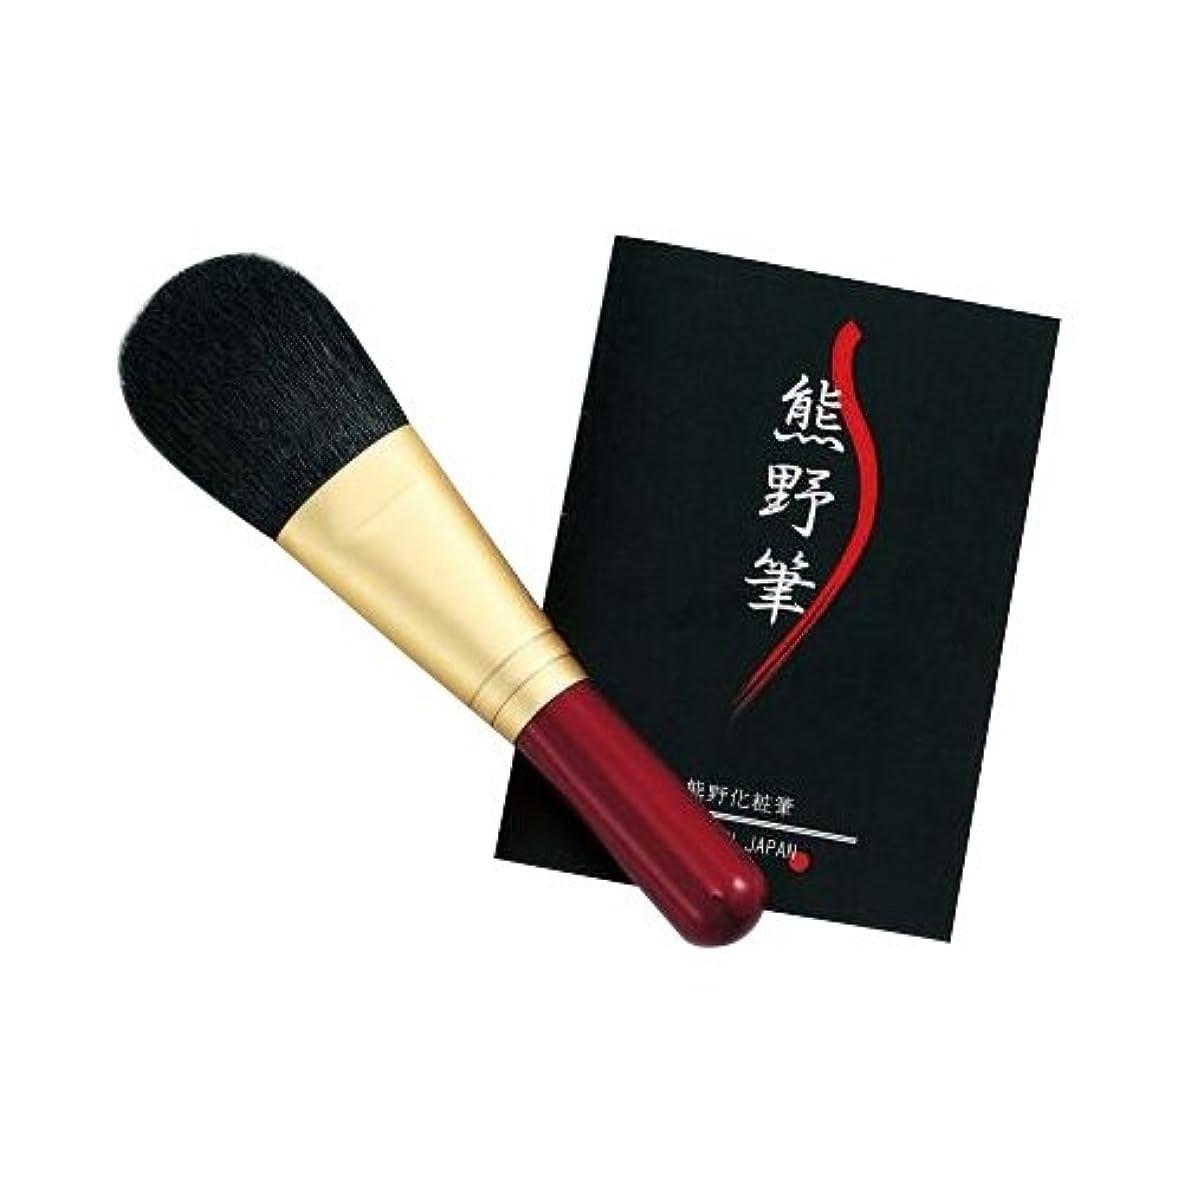 ゼニス 熊野化粧筆 筆の心 フェイスブラシ(ショート)